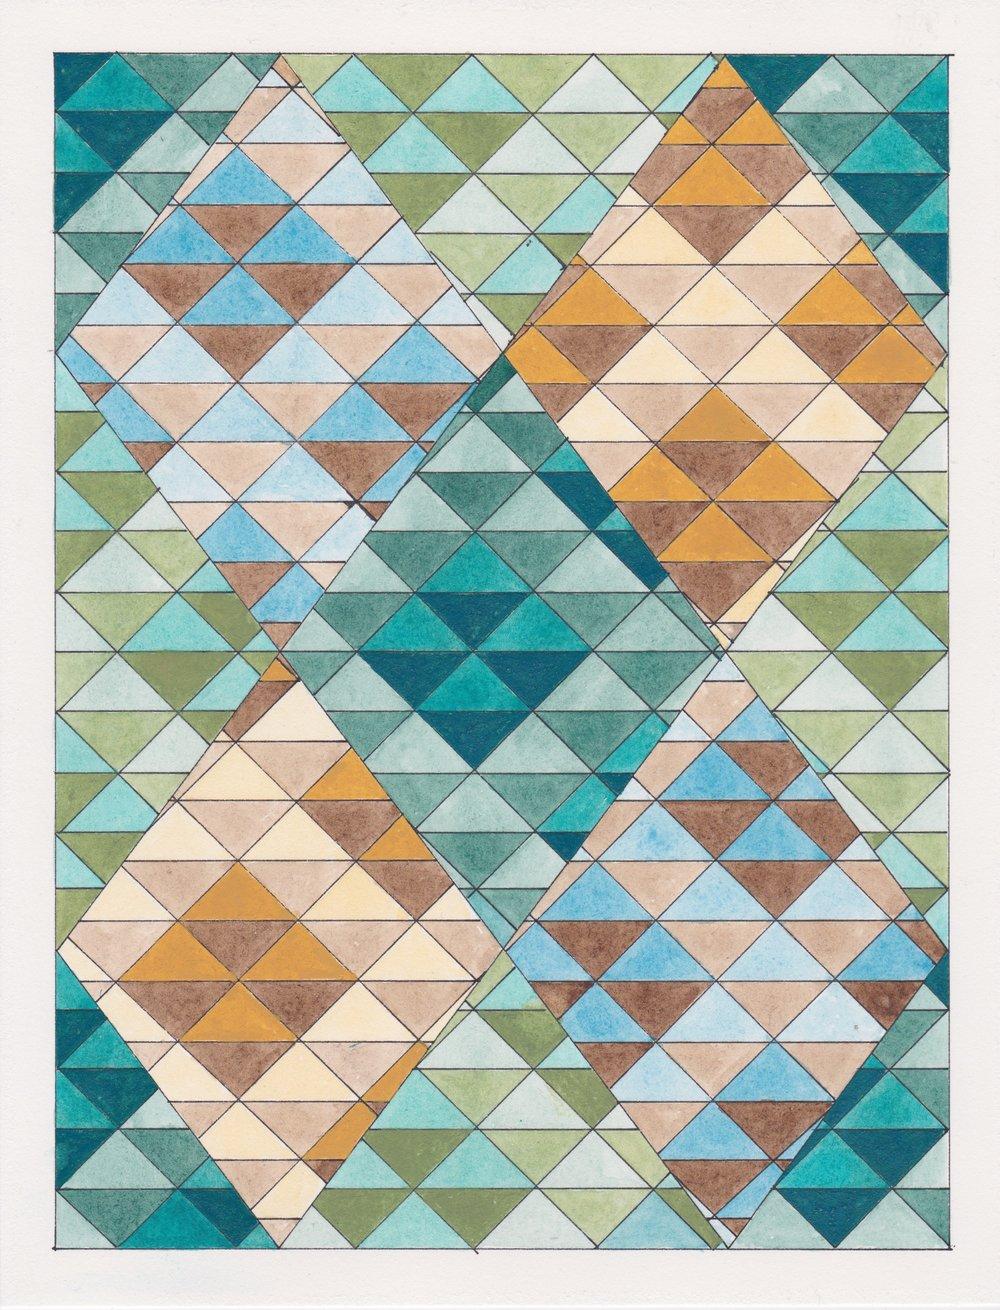 Triangles 15 300DPI.jpeg